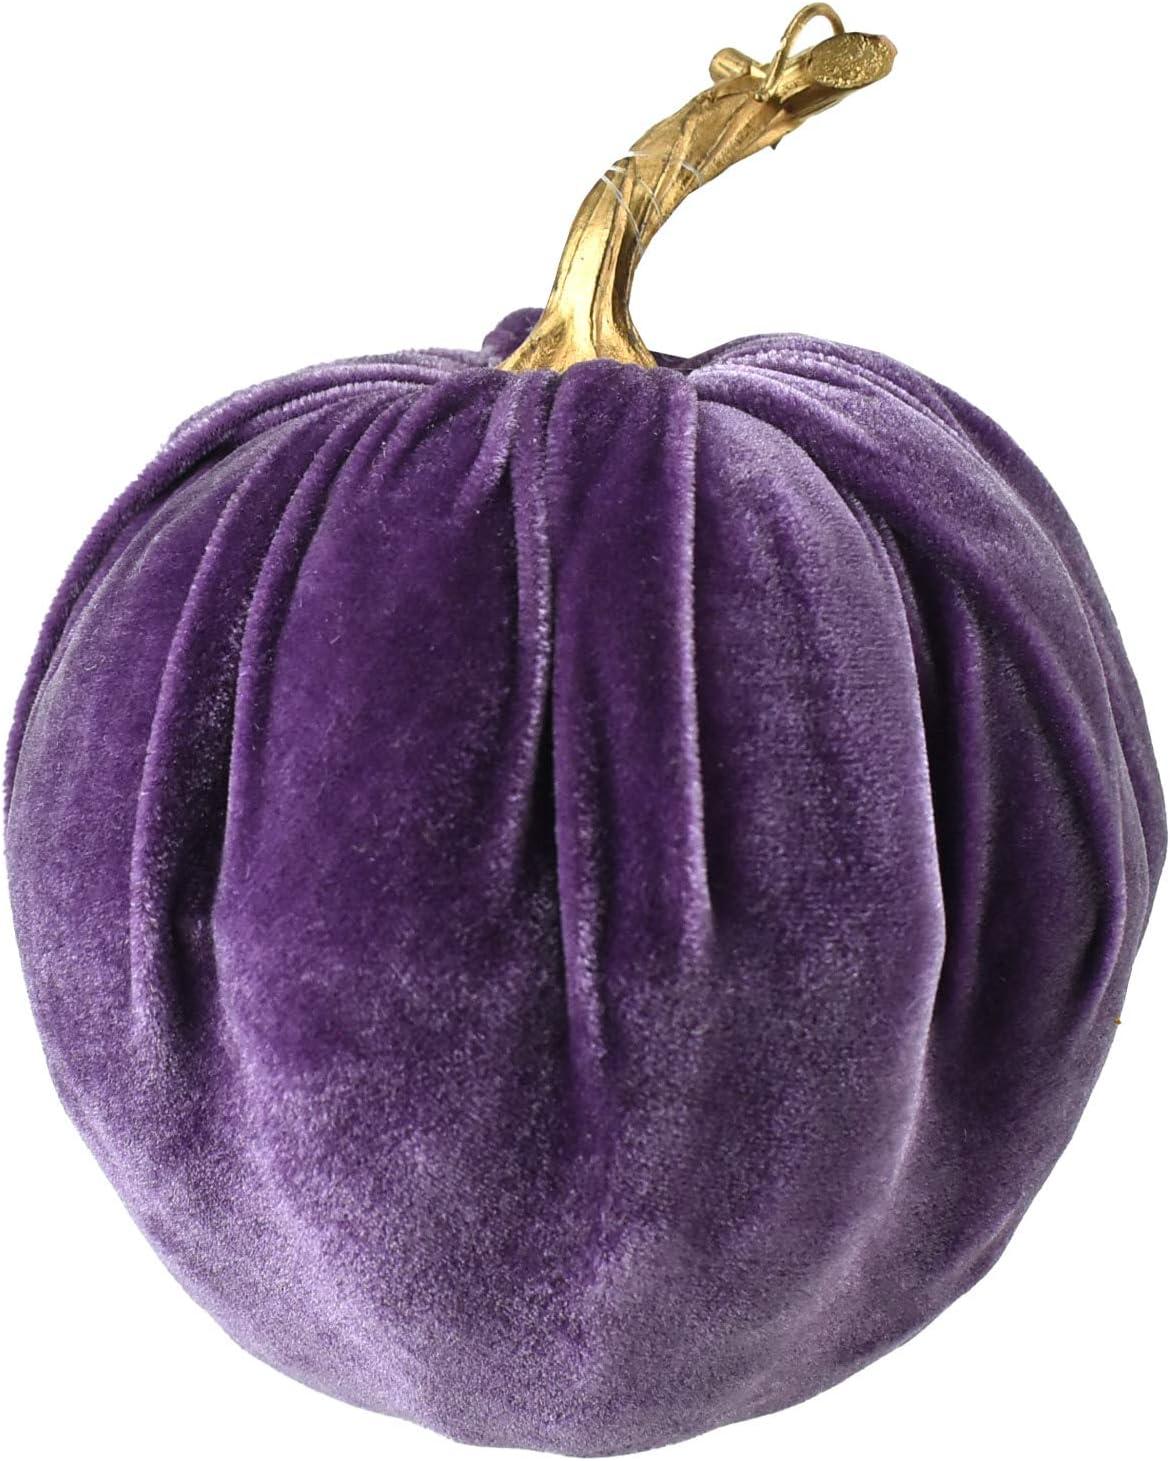 Homeford Velvet Pumpkin Centerpiece Decoration, Purple, 7-Inch